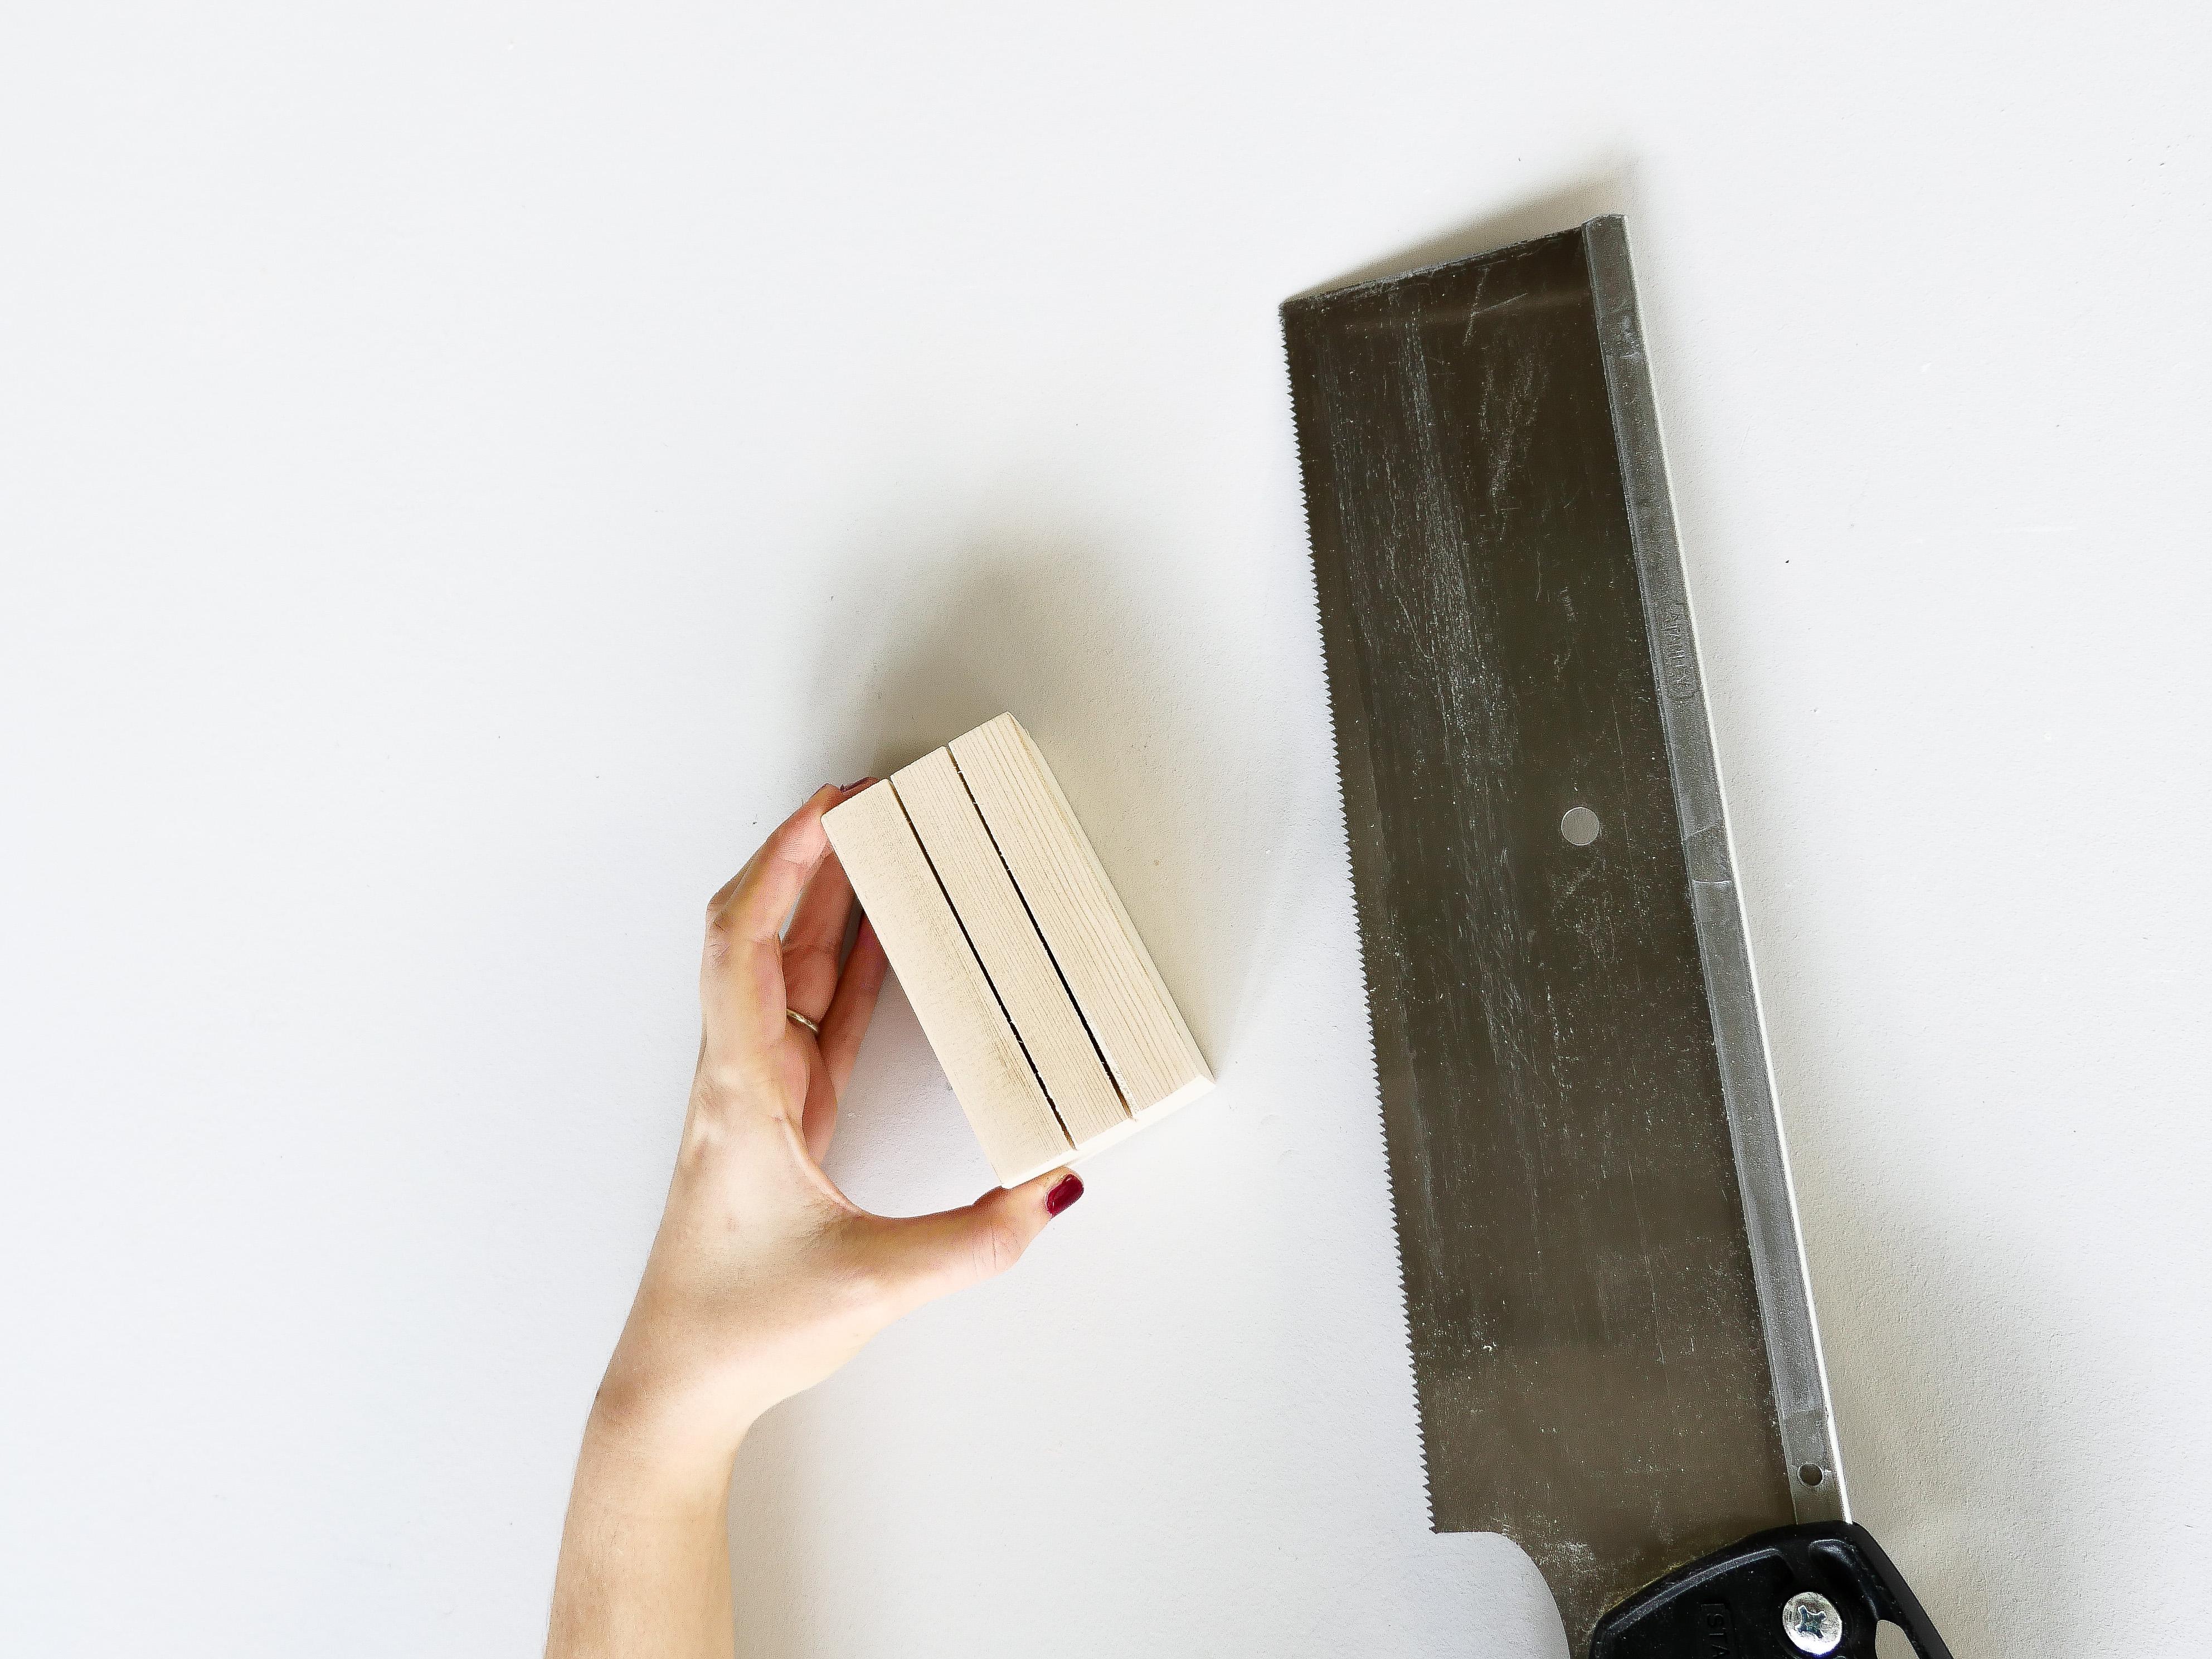 Diy un porte crayon et un porte carte pour son bureau lili in wonderland - Ouvrir une porte avec une carte ...